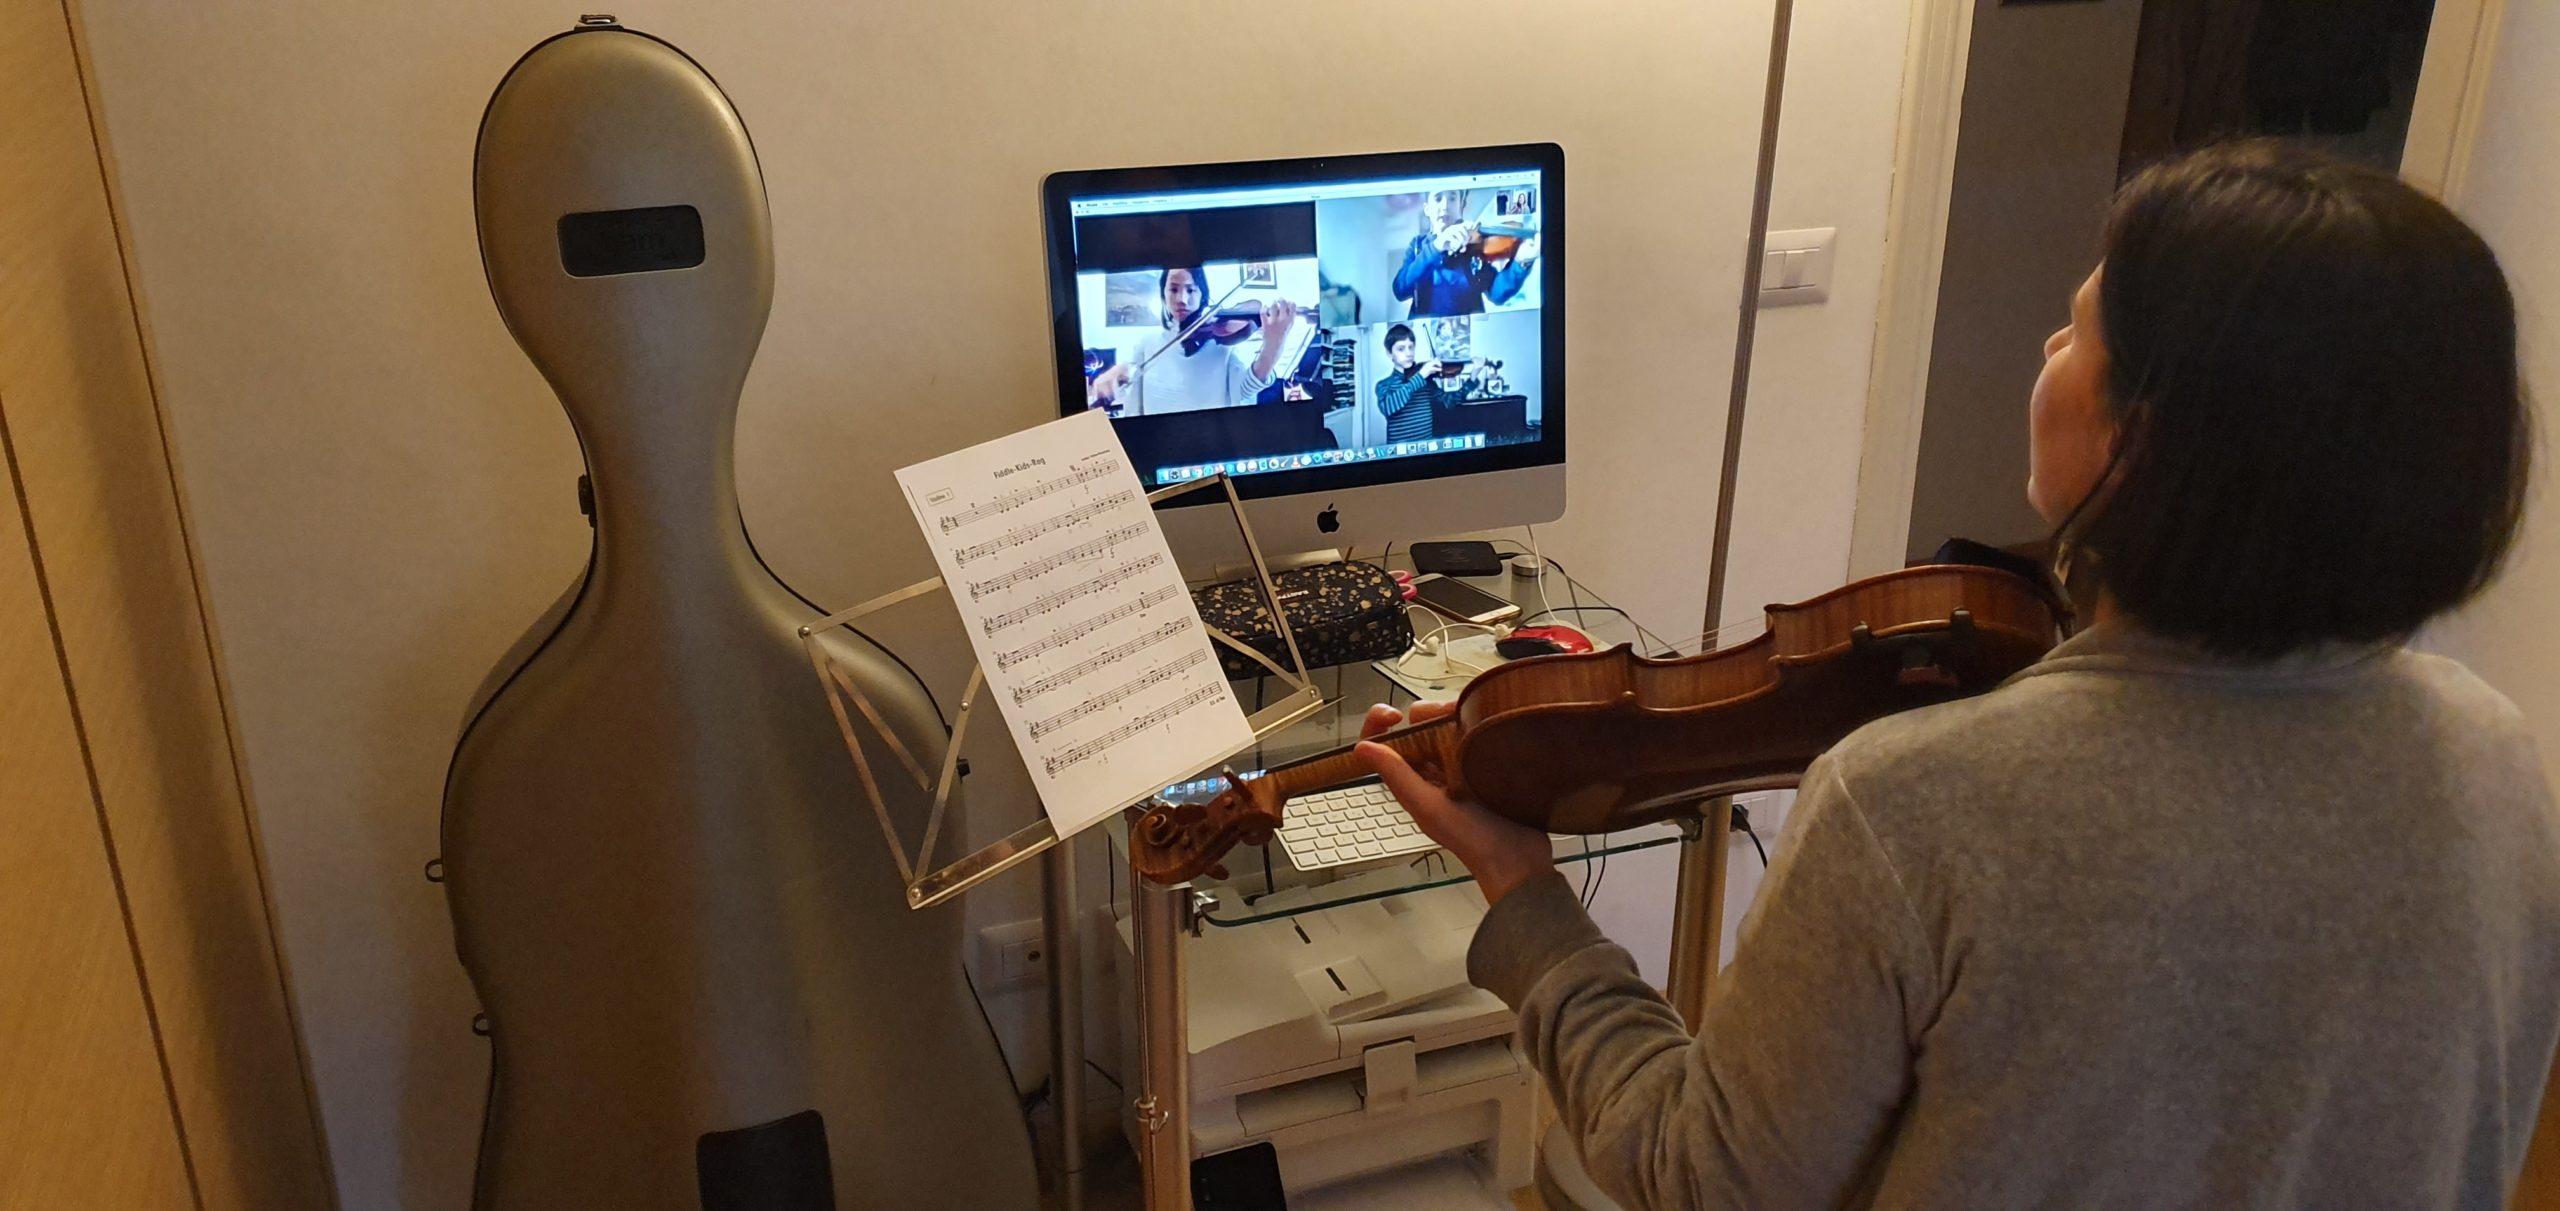 Lezioni a distanza, la scommessa vinta dalla Scuola di Musica di Fiesole per non fermarsi mai